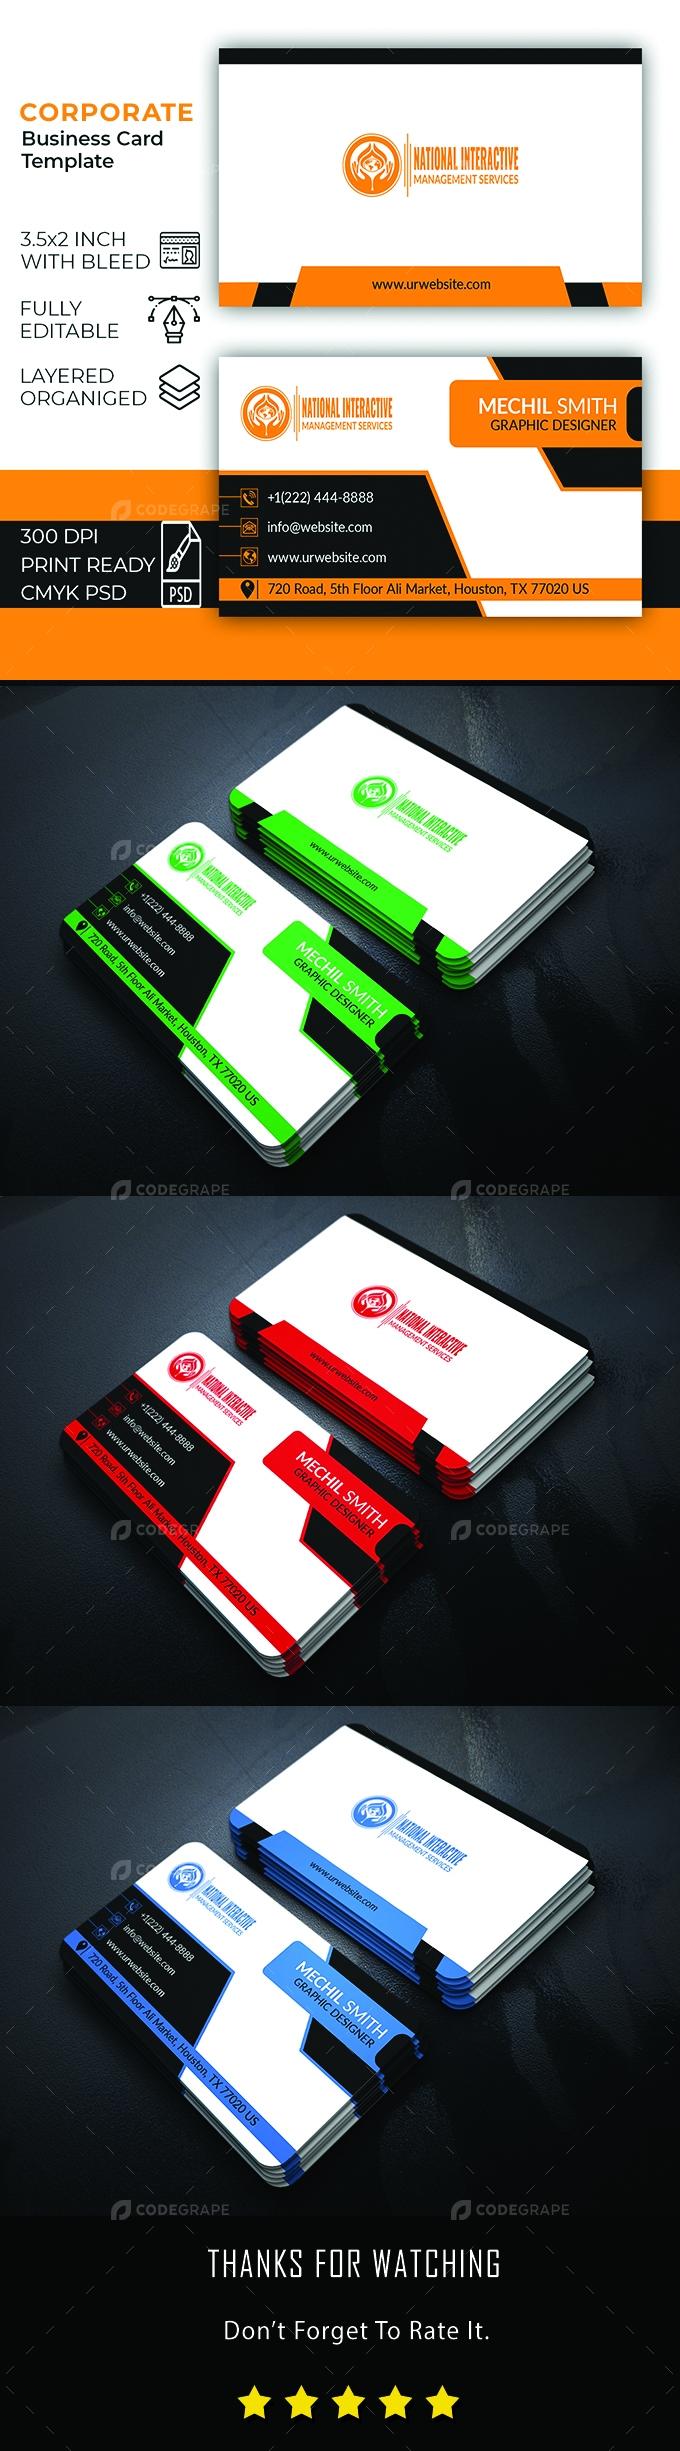 Corporate Business Card Design Template